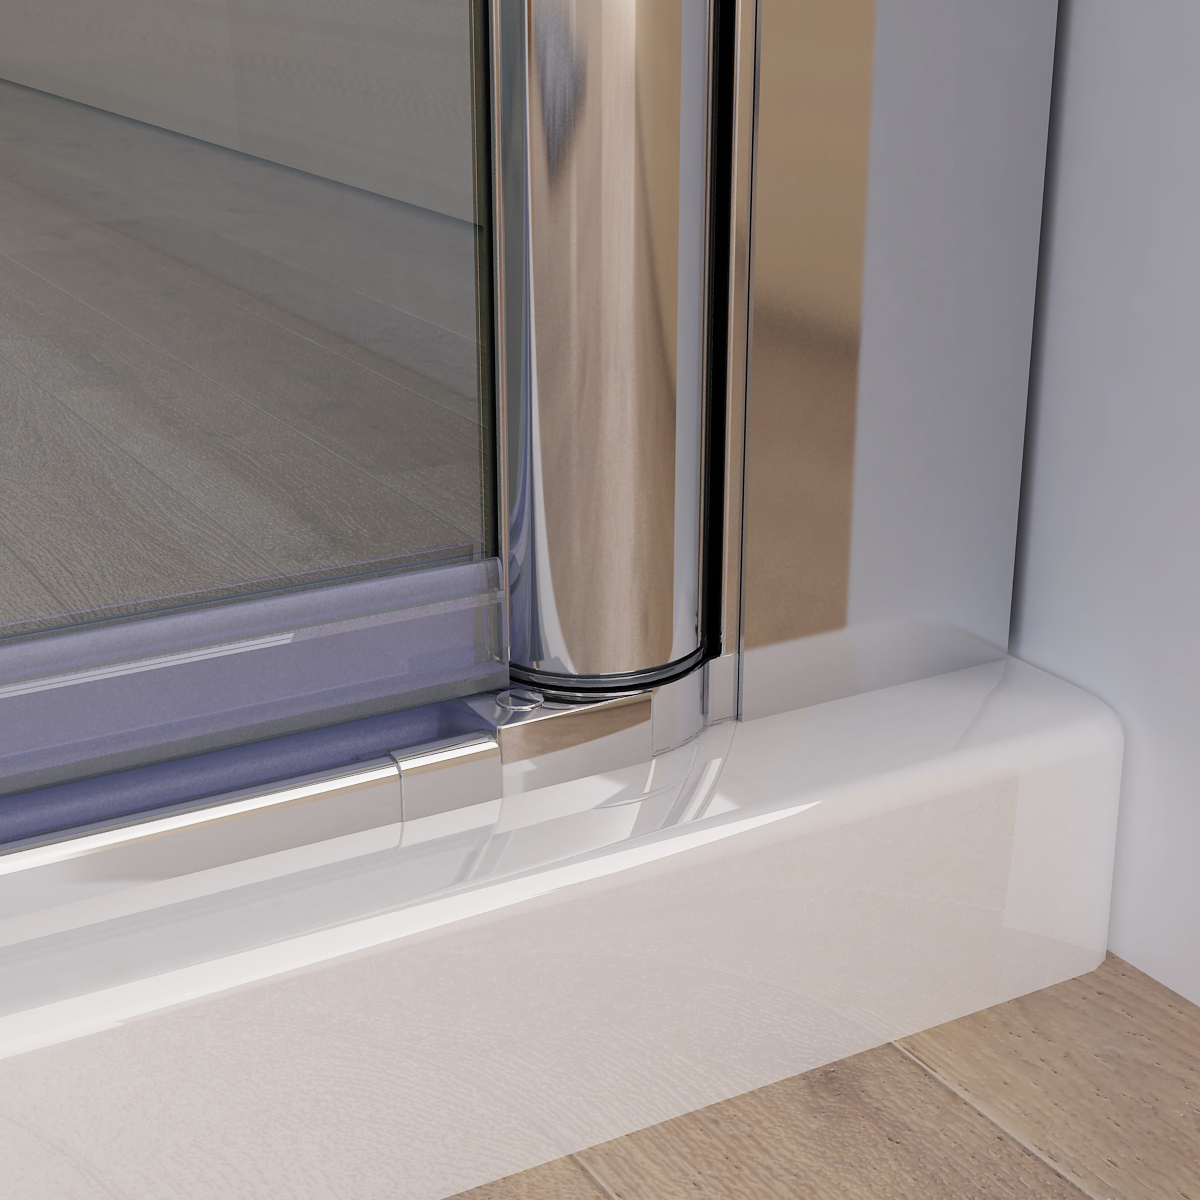 Duschkabine Eckeinstieg Dusche Falttür Duschwand mit Seitenwand NANO ...